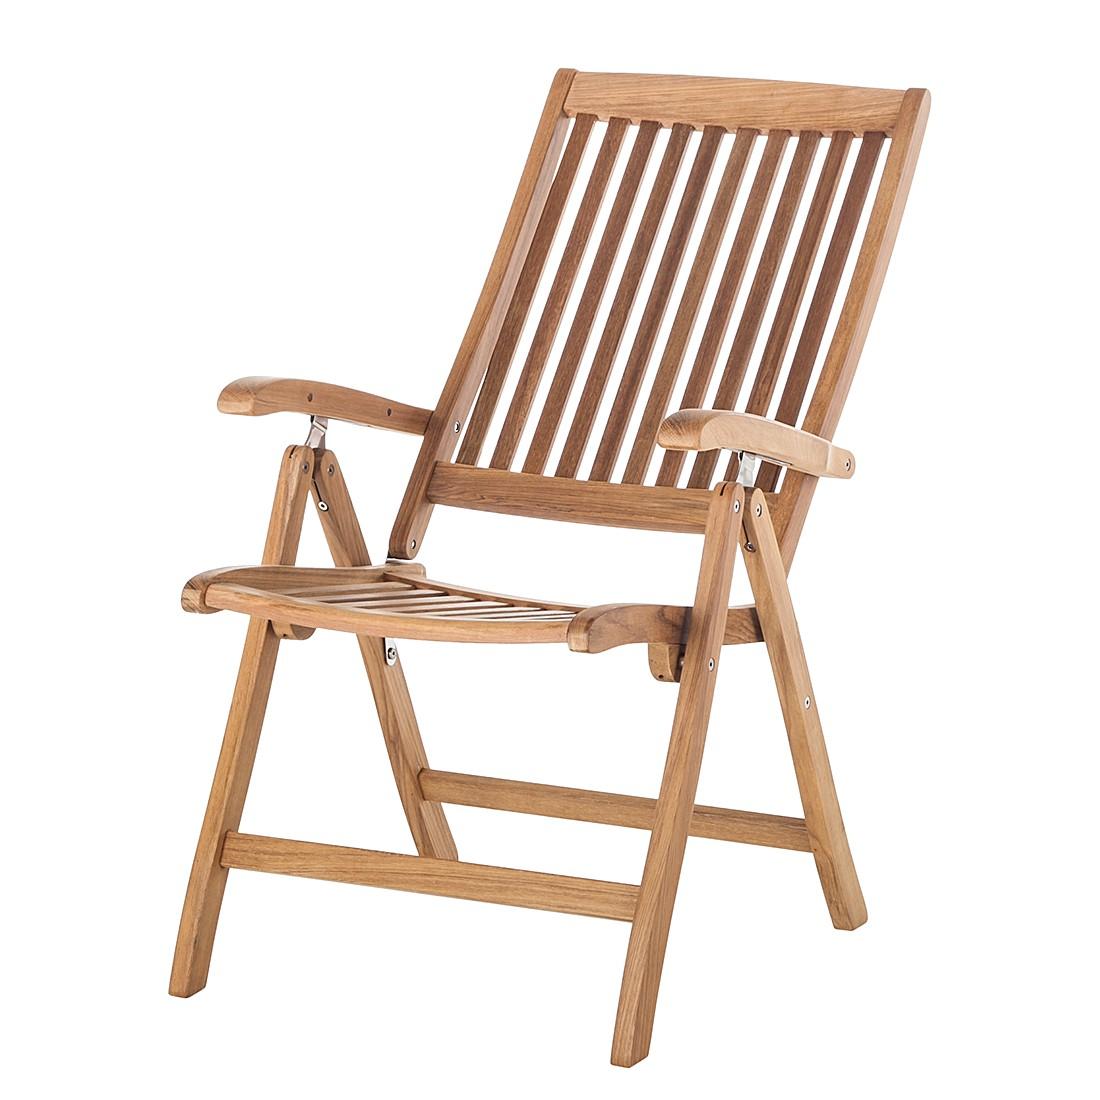 gartenstuhl teak line agia teak klappstuhl gartenst hle garten stuhl st hle ebay. Black Bedroom Furniture Sets. Home Design Ideas